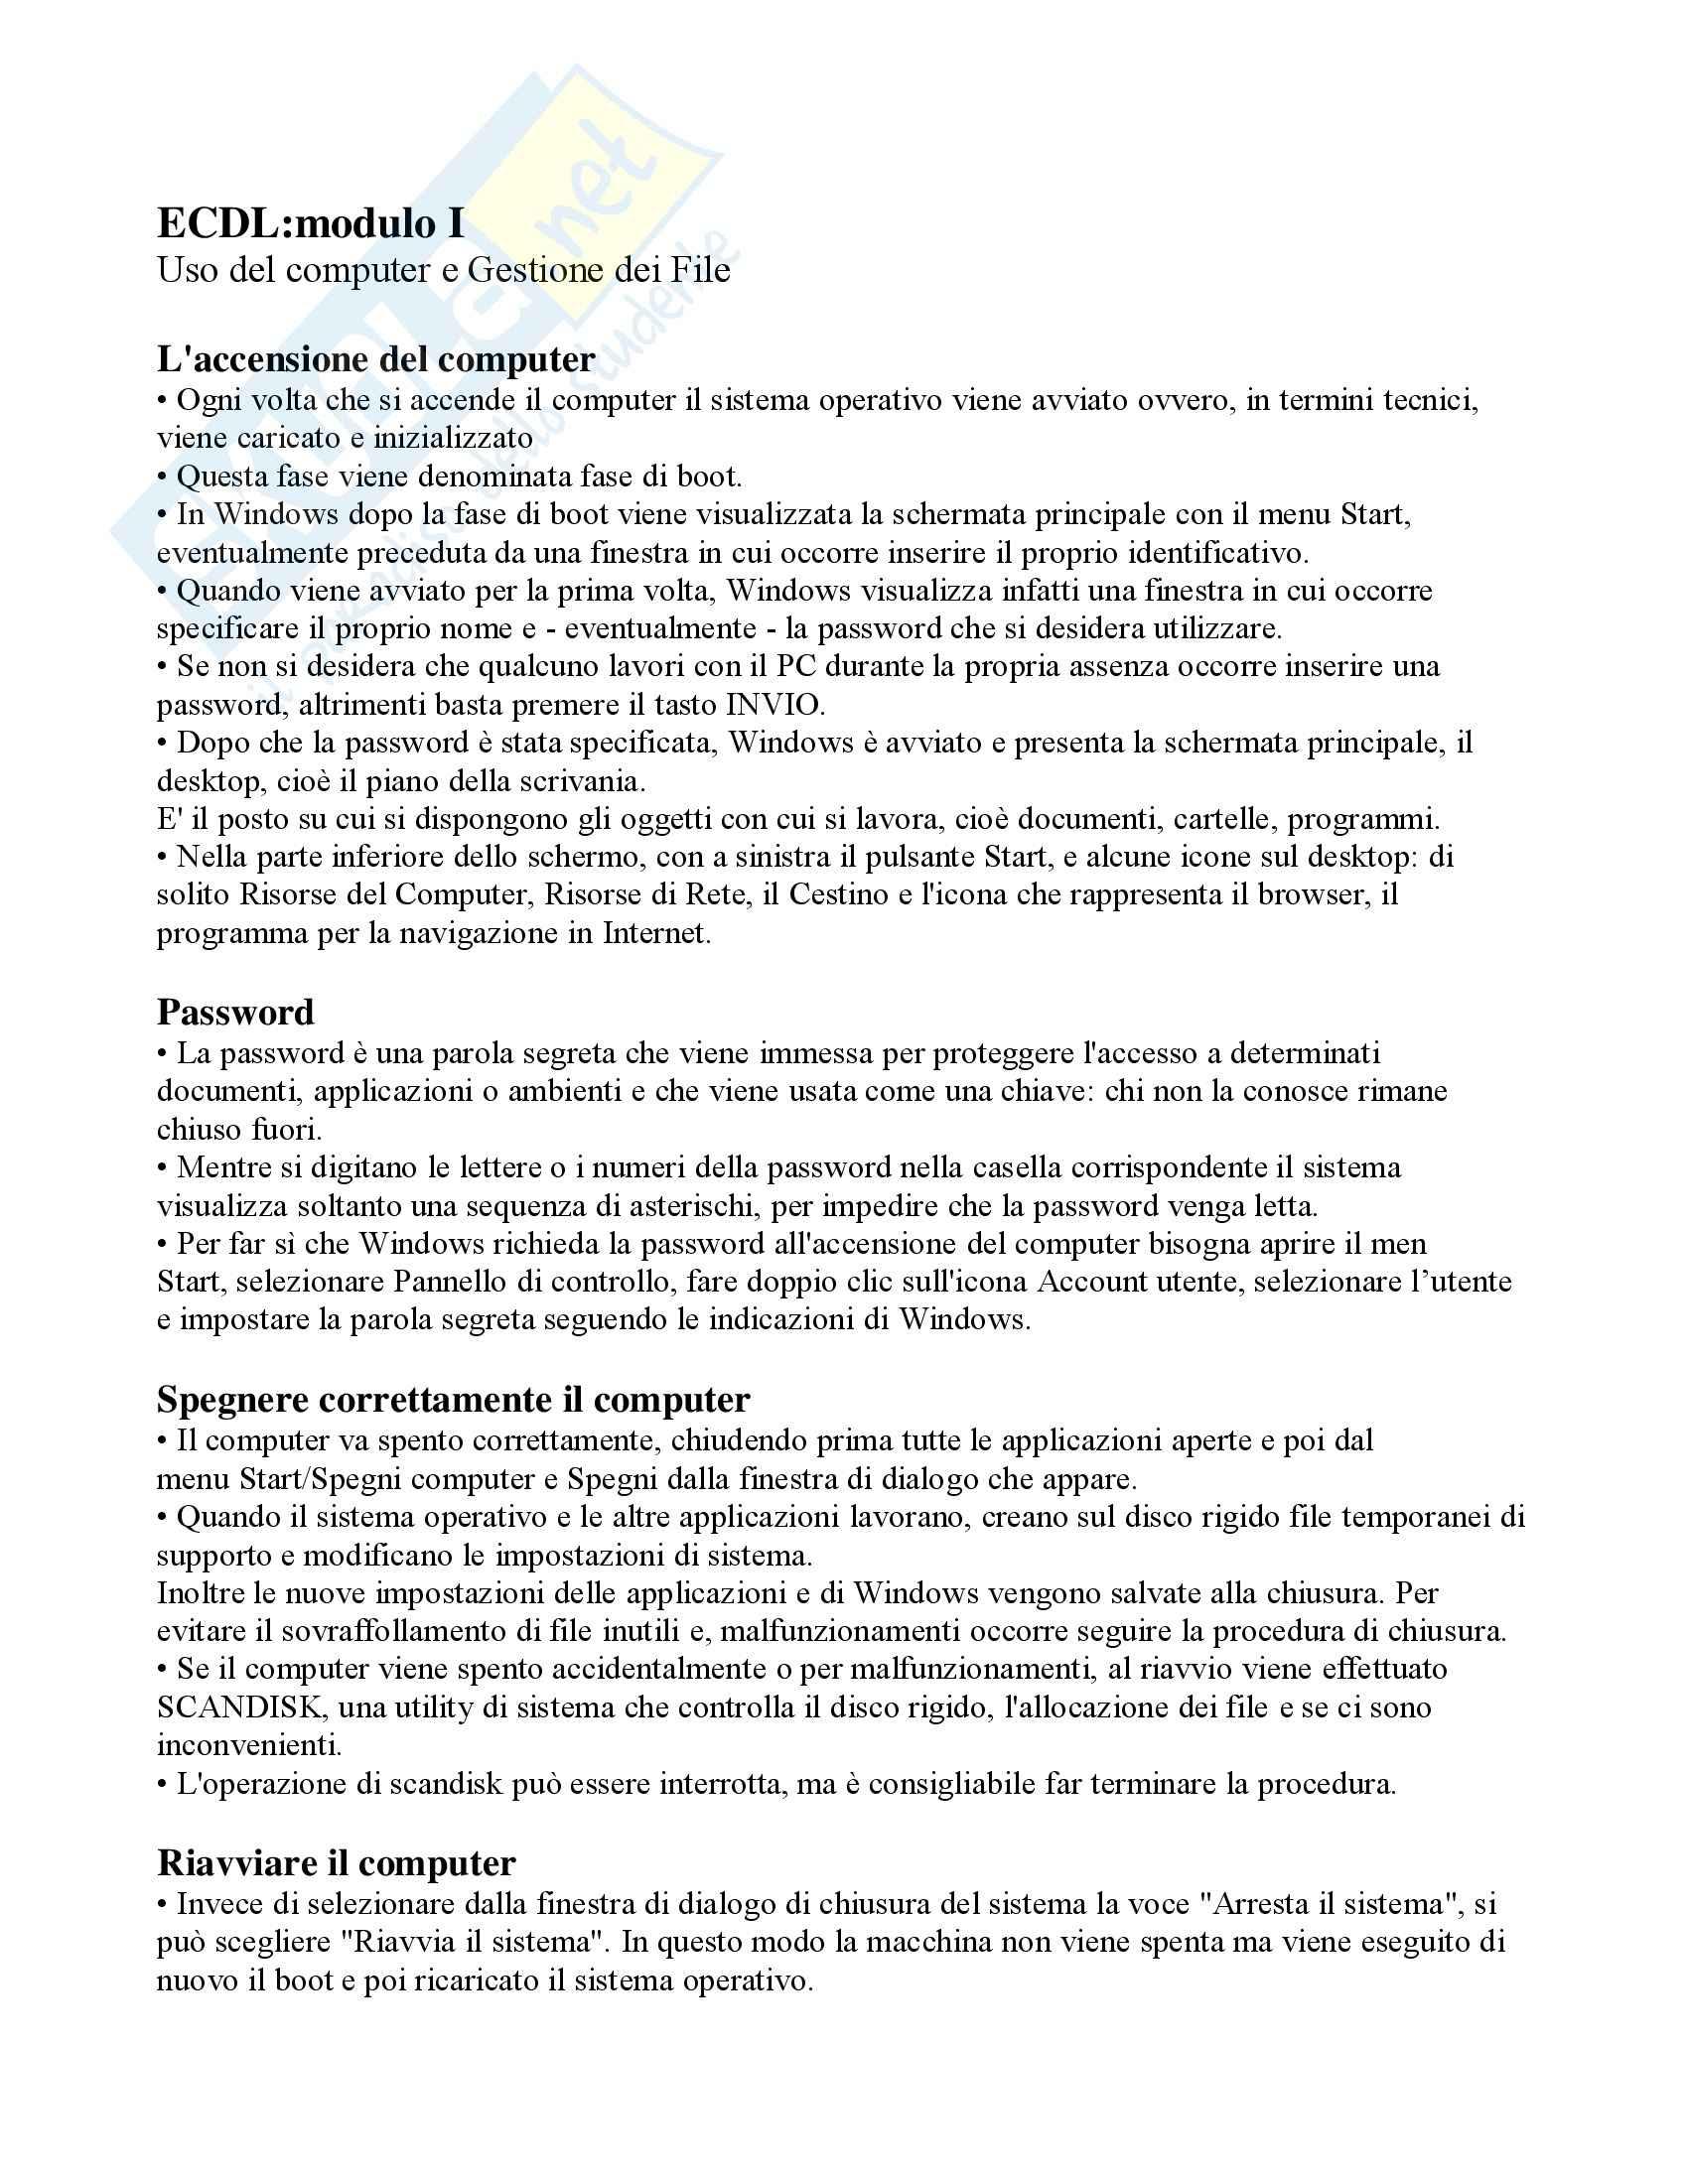 Abilità informatiche per giuristi - Gestione file